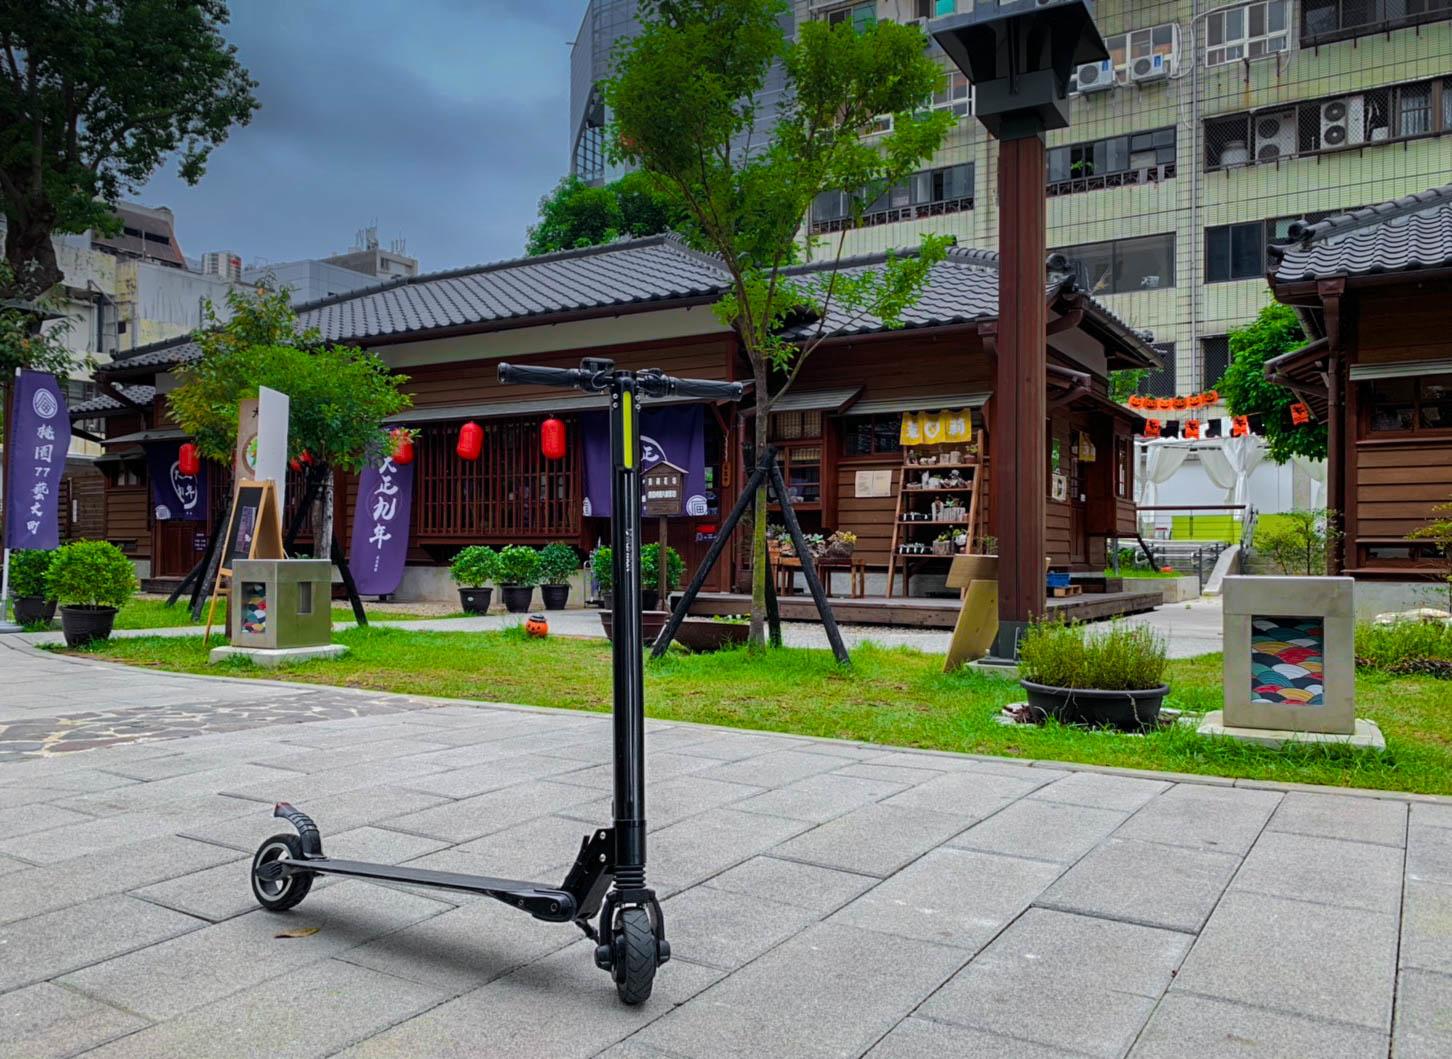 停在桃園藝文盯的碳纖維電動滑板車